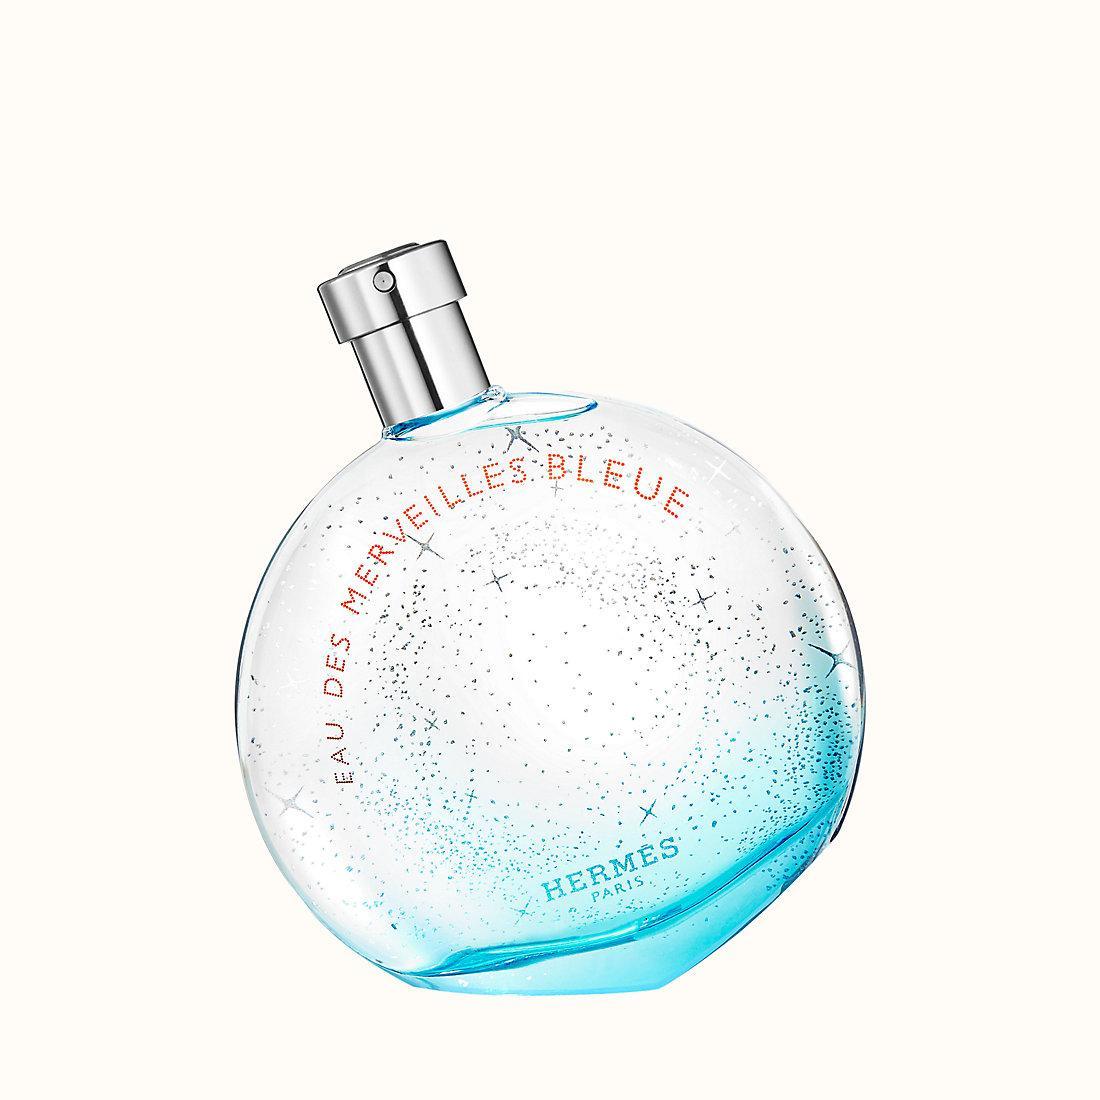 Eau des merveilles bleue, Hermes, at Sephora. Courtesy Hermes